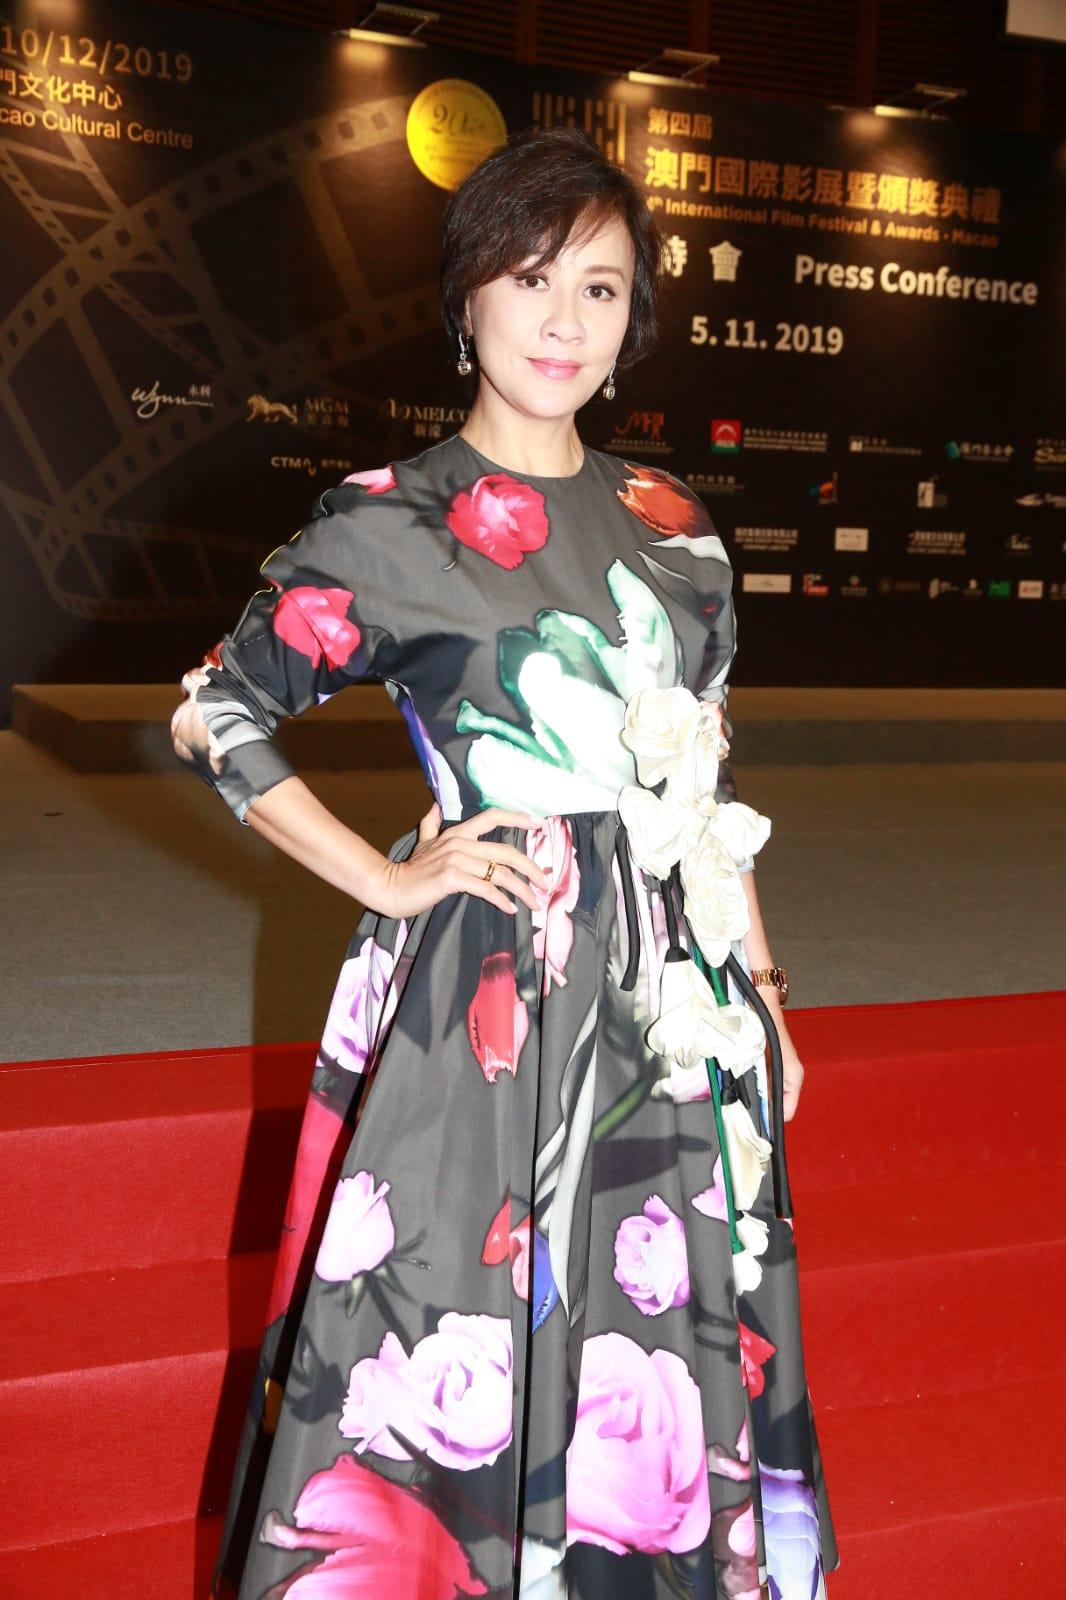 劉嘉玲出席澳門國際影展暨頒獎禮。